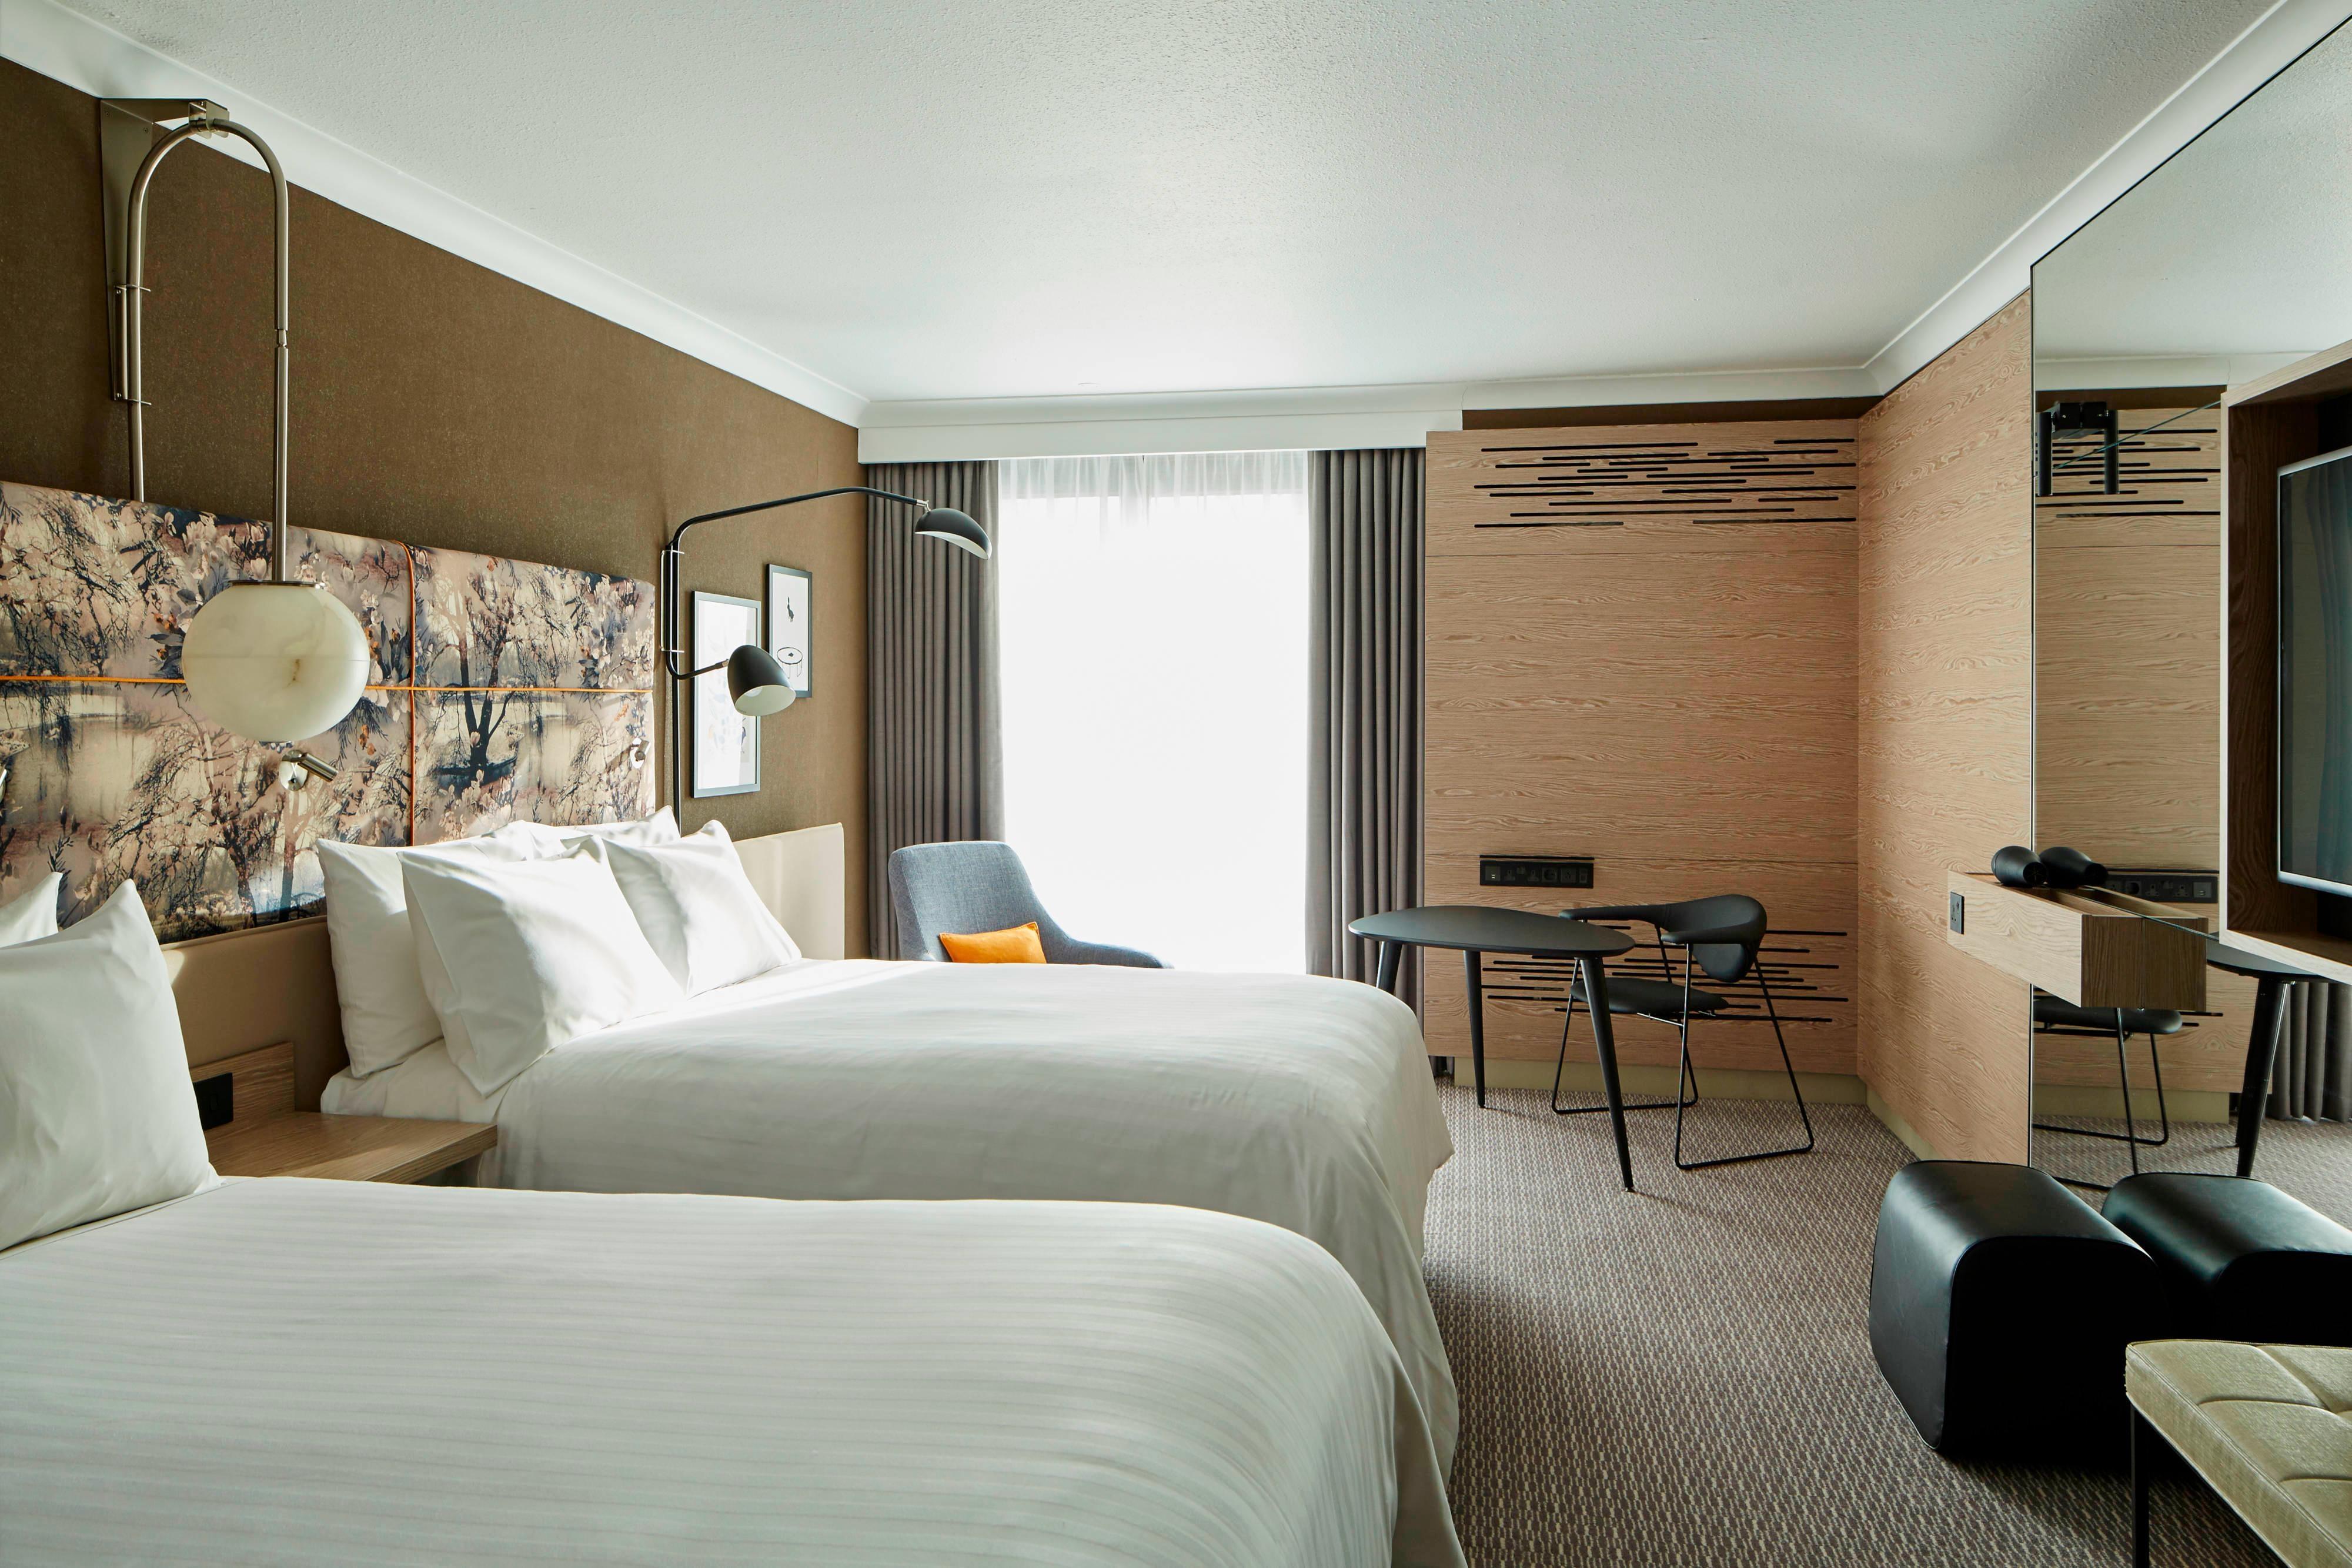 The Marriott Hotel Regents Park